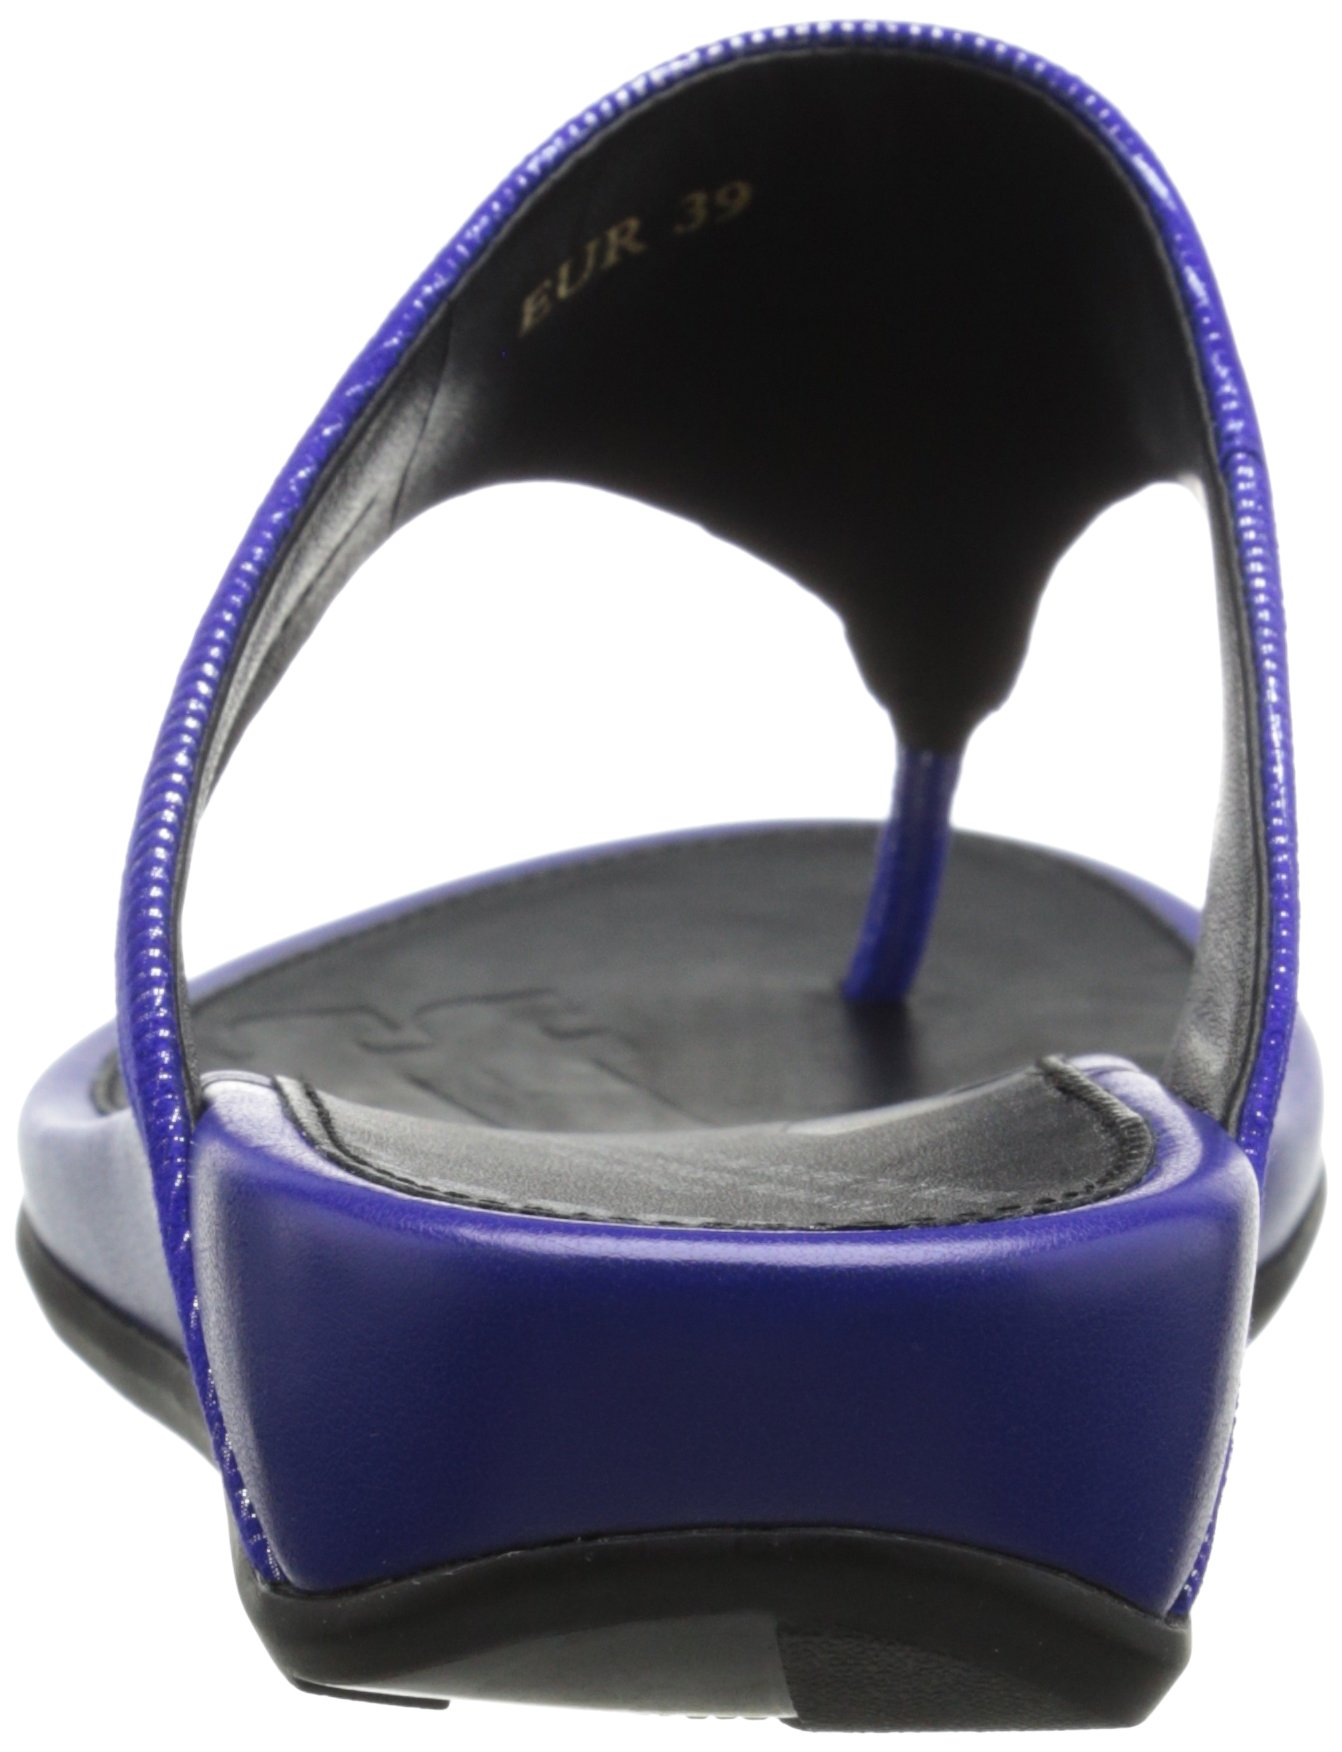 FitFlop Women's Banda Opul Flip Flop, Mazarin Blue, 7 M US by FitFlop (Image #2)